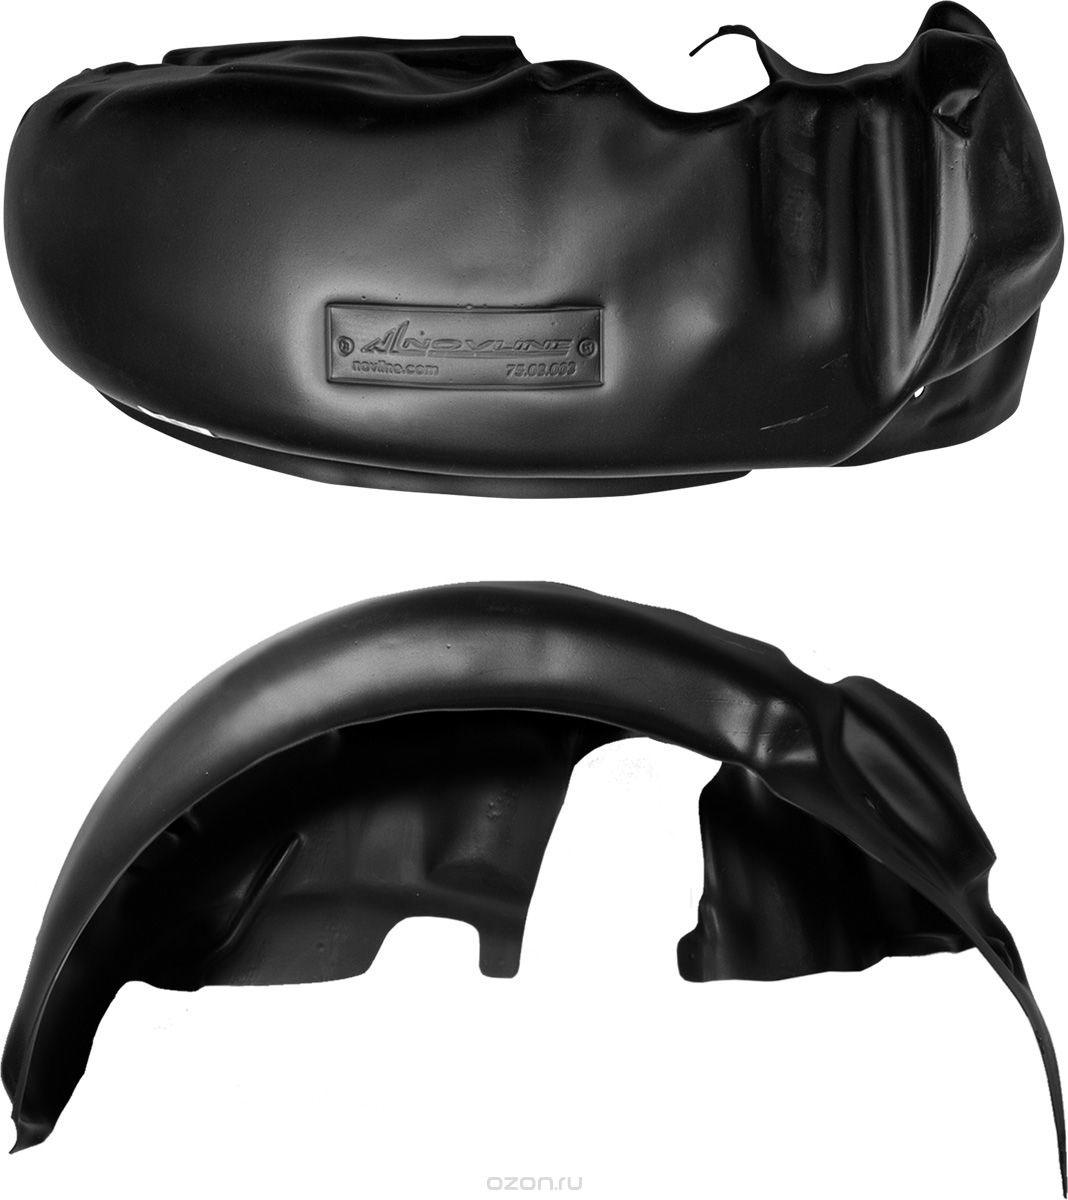 Подкрылок Novline-Autofamily, для MAZDA 6, 2012-2015, 2015->, задний левый09066Идеальная защита колесной ниши. Локеры разработаны с применением цифровых технологий, гарантируют максимальную повторяемость поверхности арки. Изделия устанавливаются без нарушения лакокрасочного покрытия автомобиля, каждый подкрылок комплектуется крепежом. Уважаемые клиенты, обращаем ваше внимание, что фотографии на подкрылки универсальные и не отражают реальную форму изделия. При этом само изделие идет точно под размер указанного автомобиля.